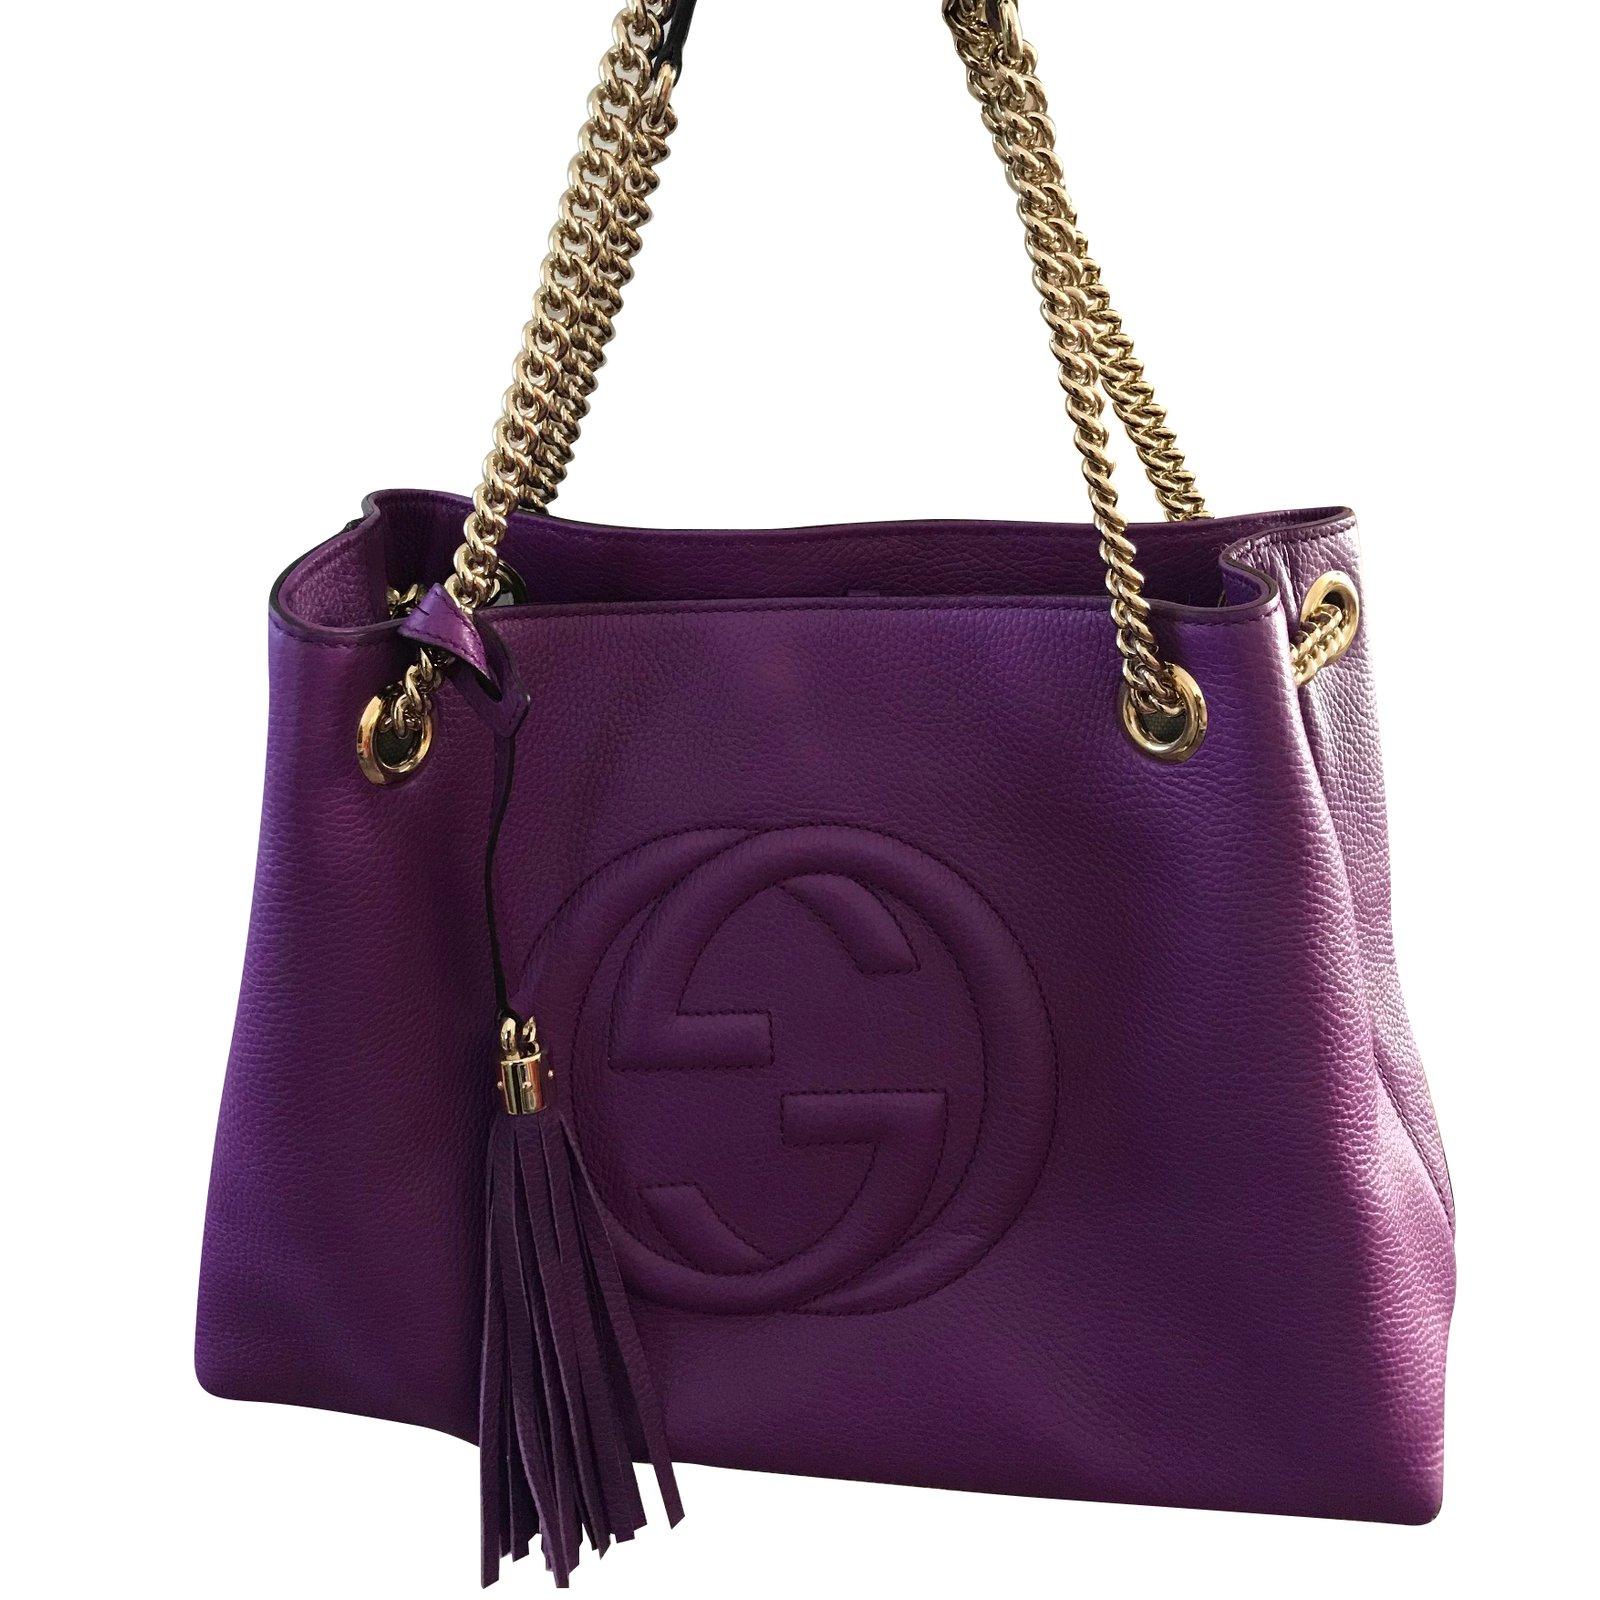 8f601ba3a61 Sacs à main Gucci Sacs à main Cuir Violet ref.59229 - Joli Closet